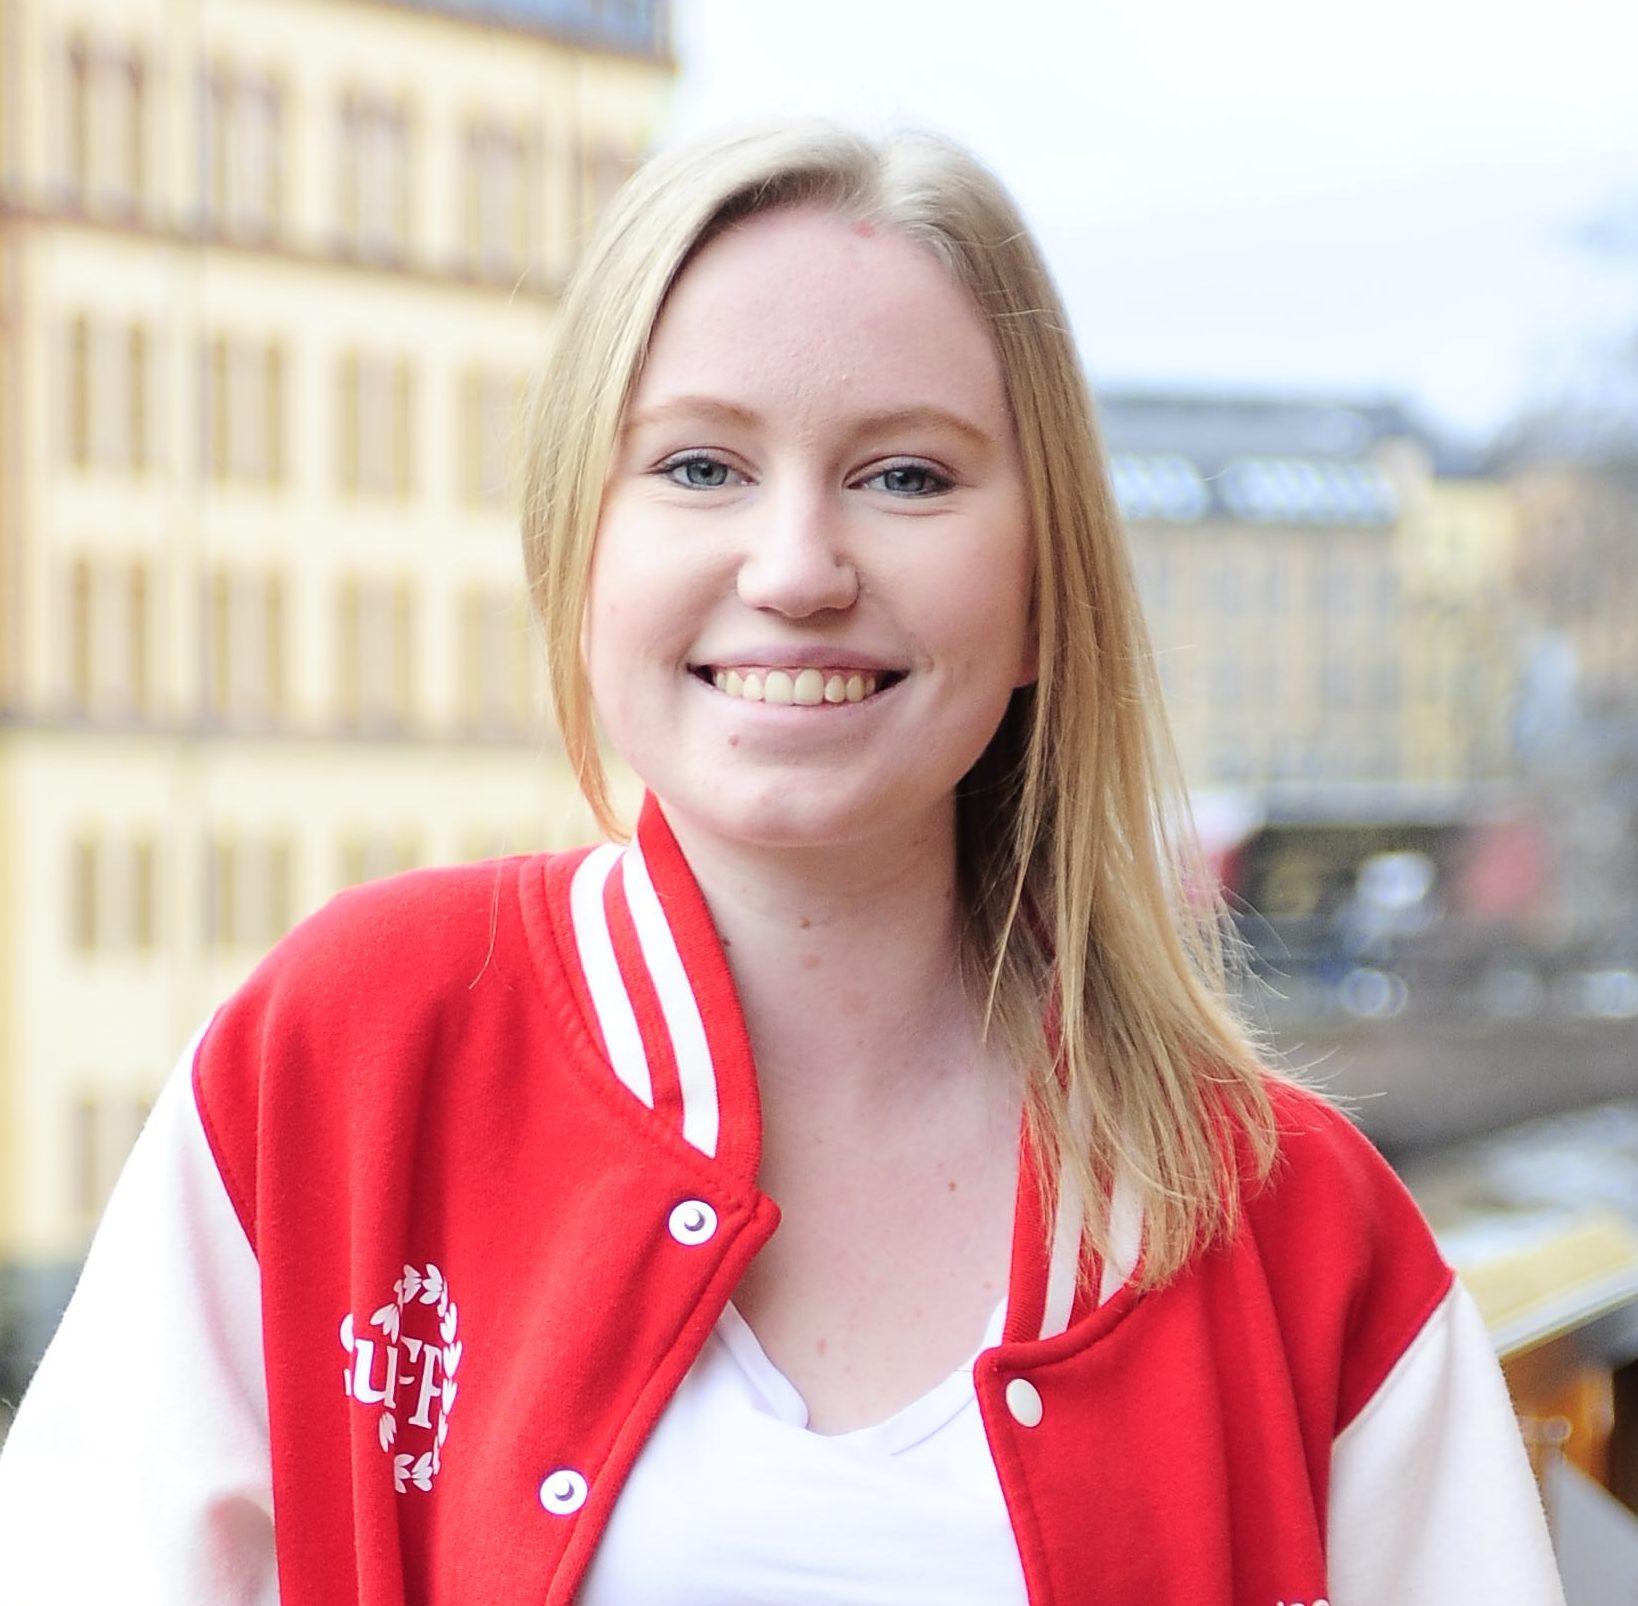 Matilda Samuelsson